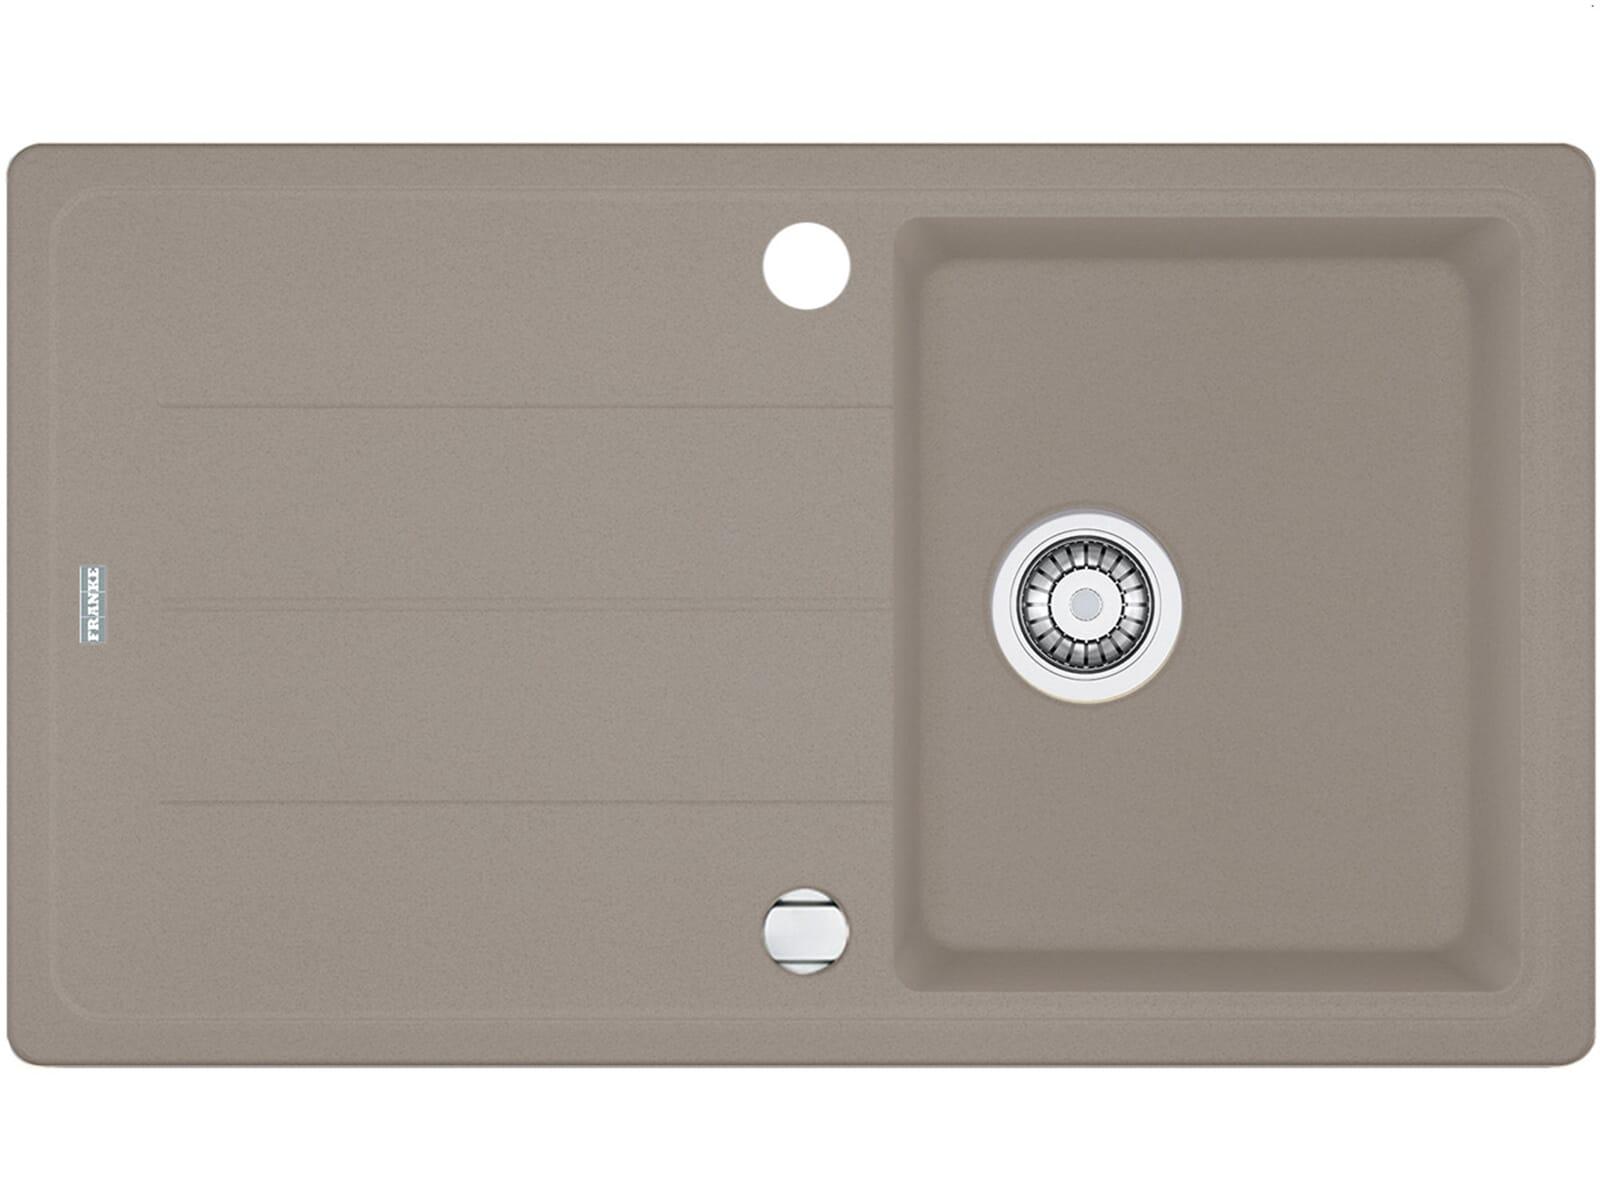 Franke Basis BFG 611-86 Cashmere Granitspüle